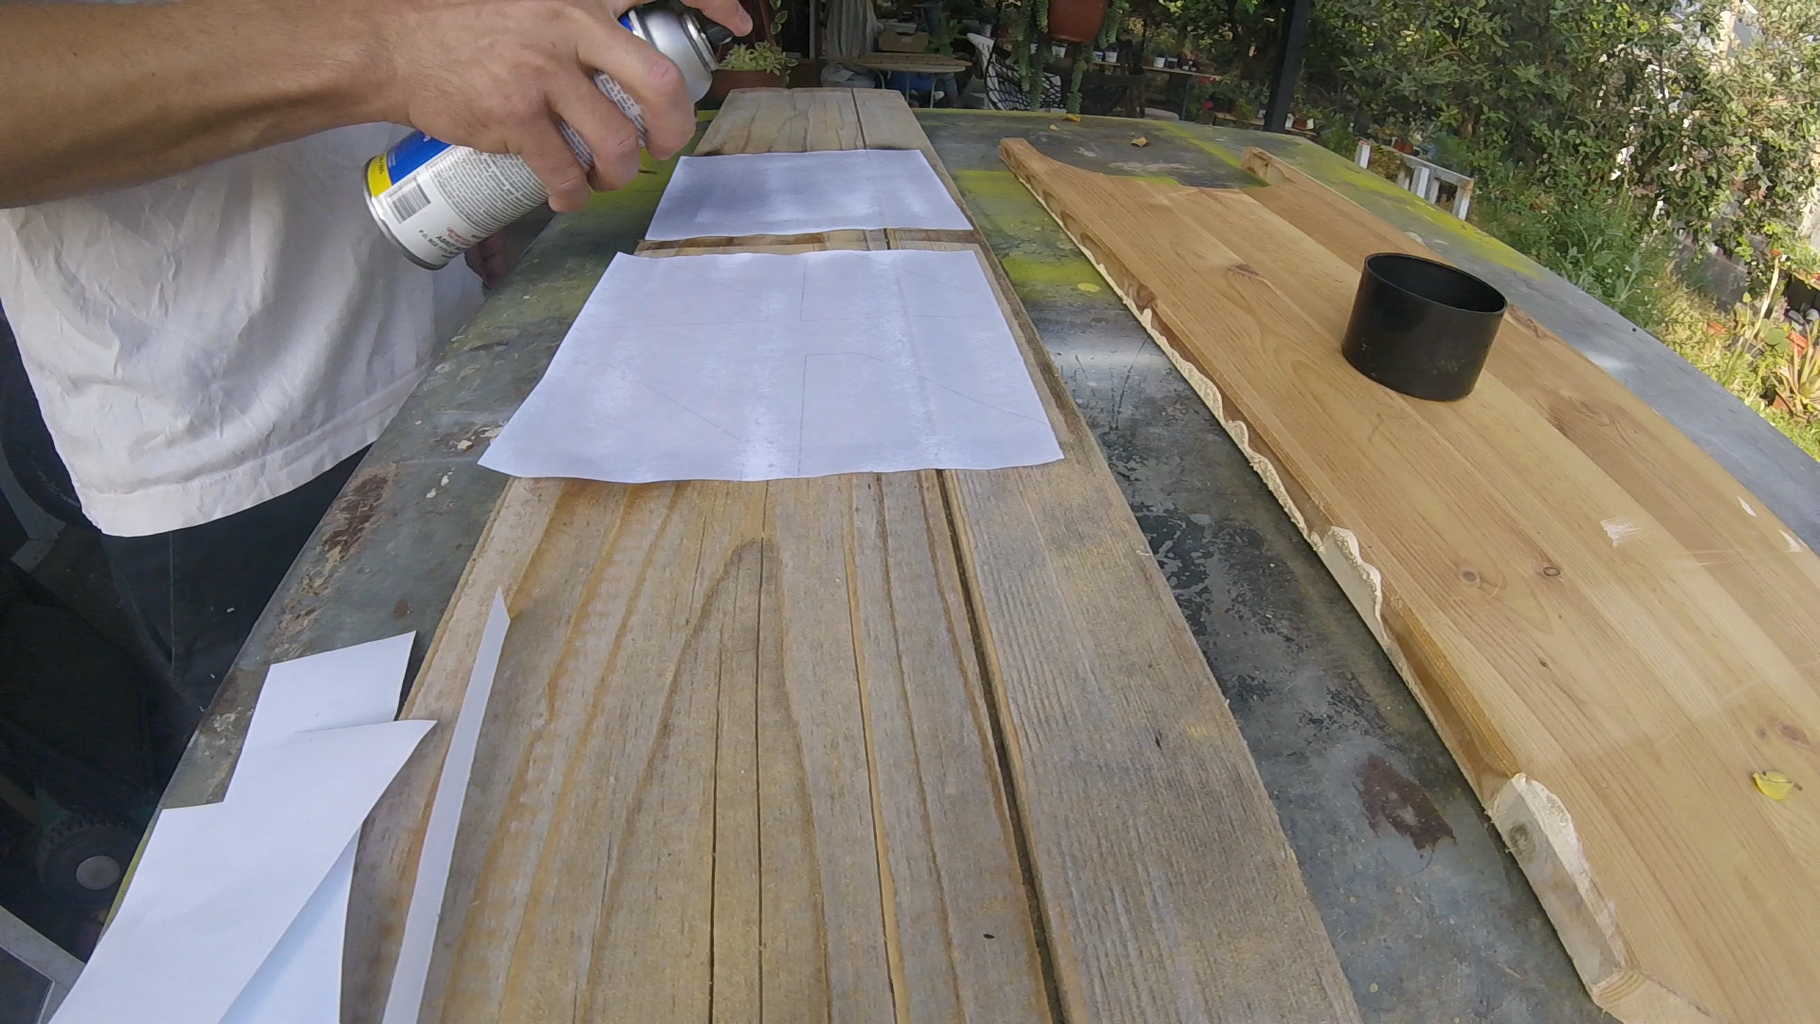 Transfer Shape to Wood